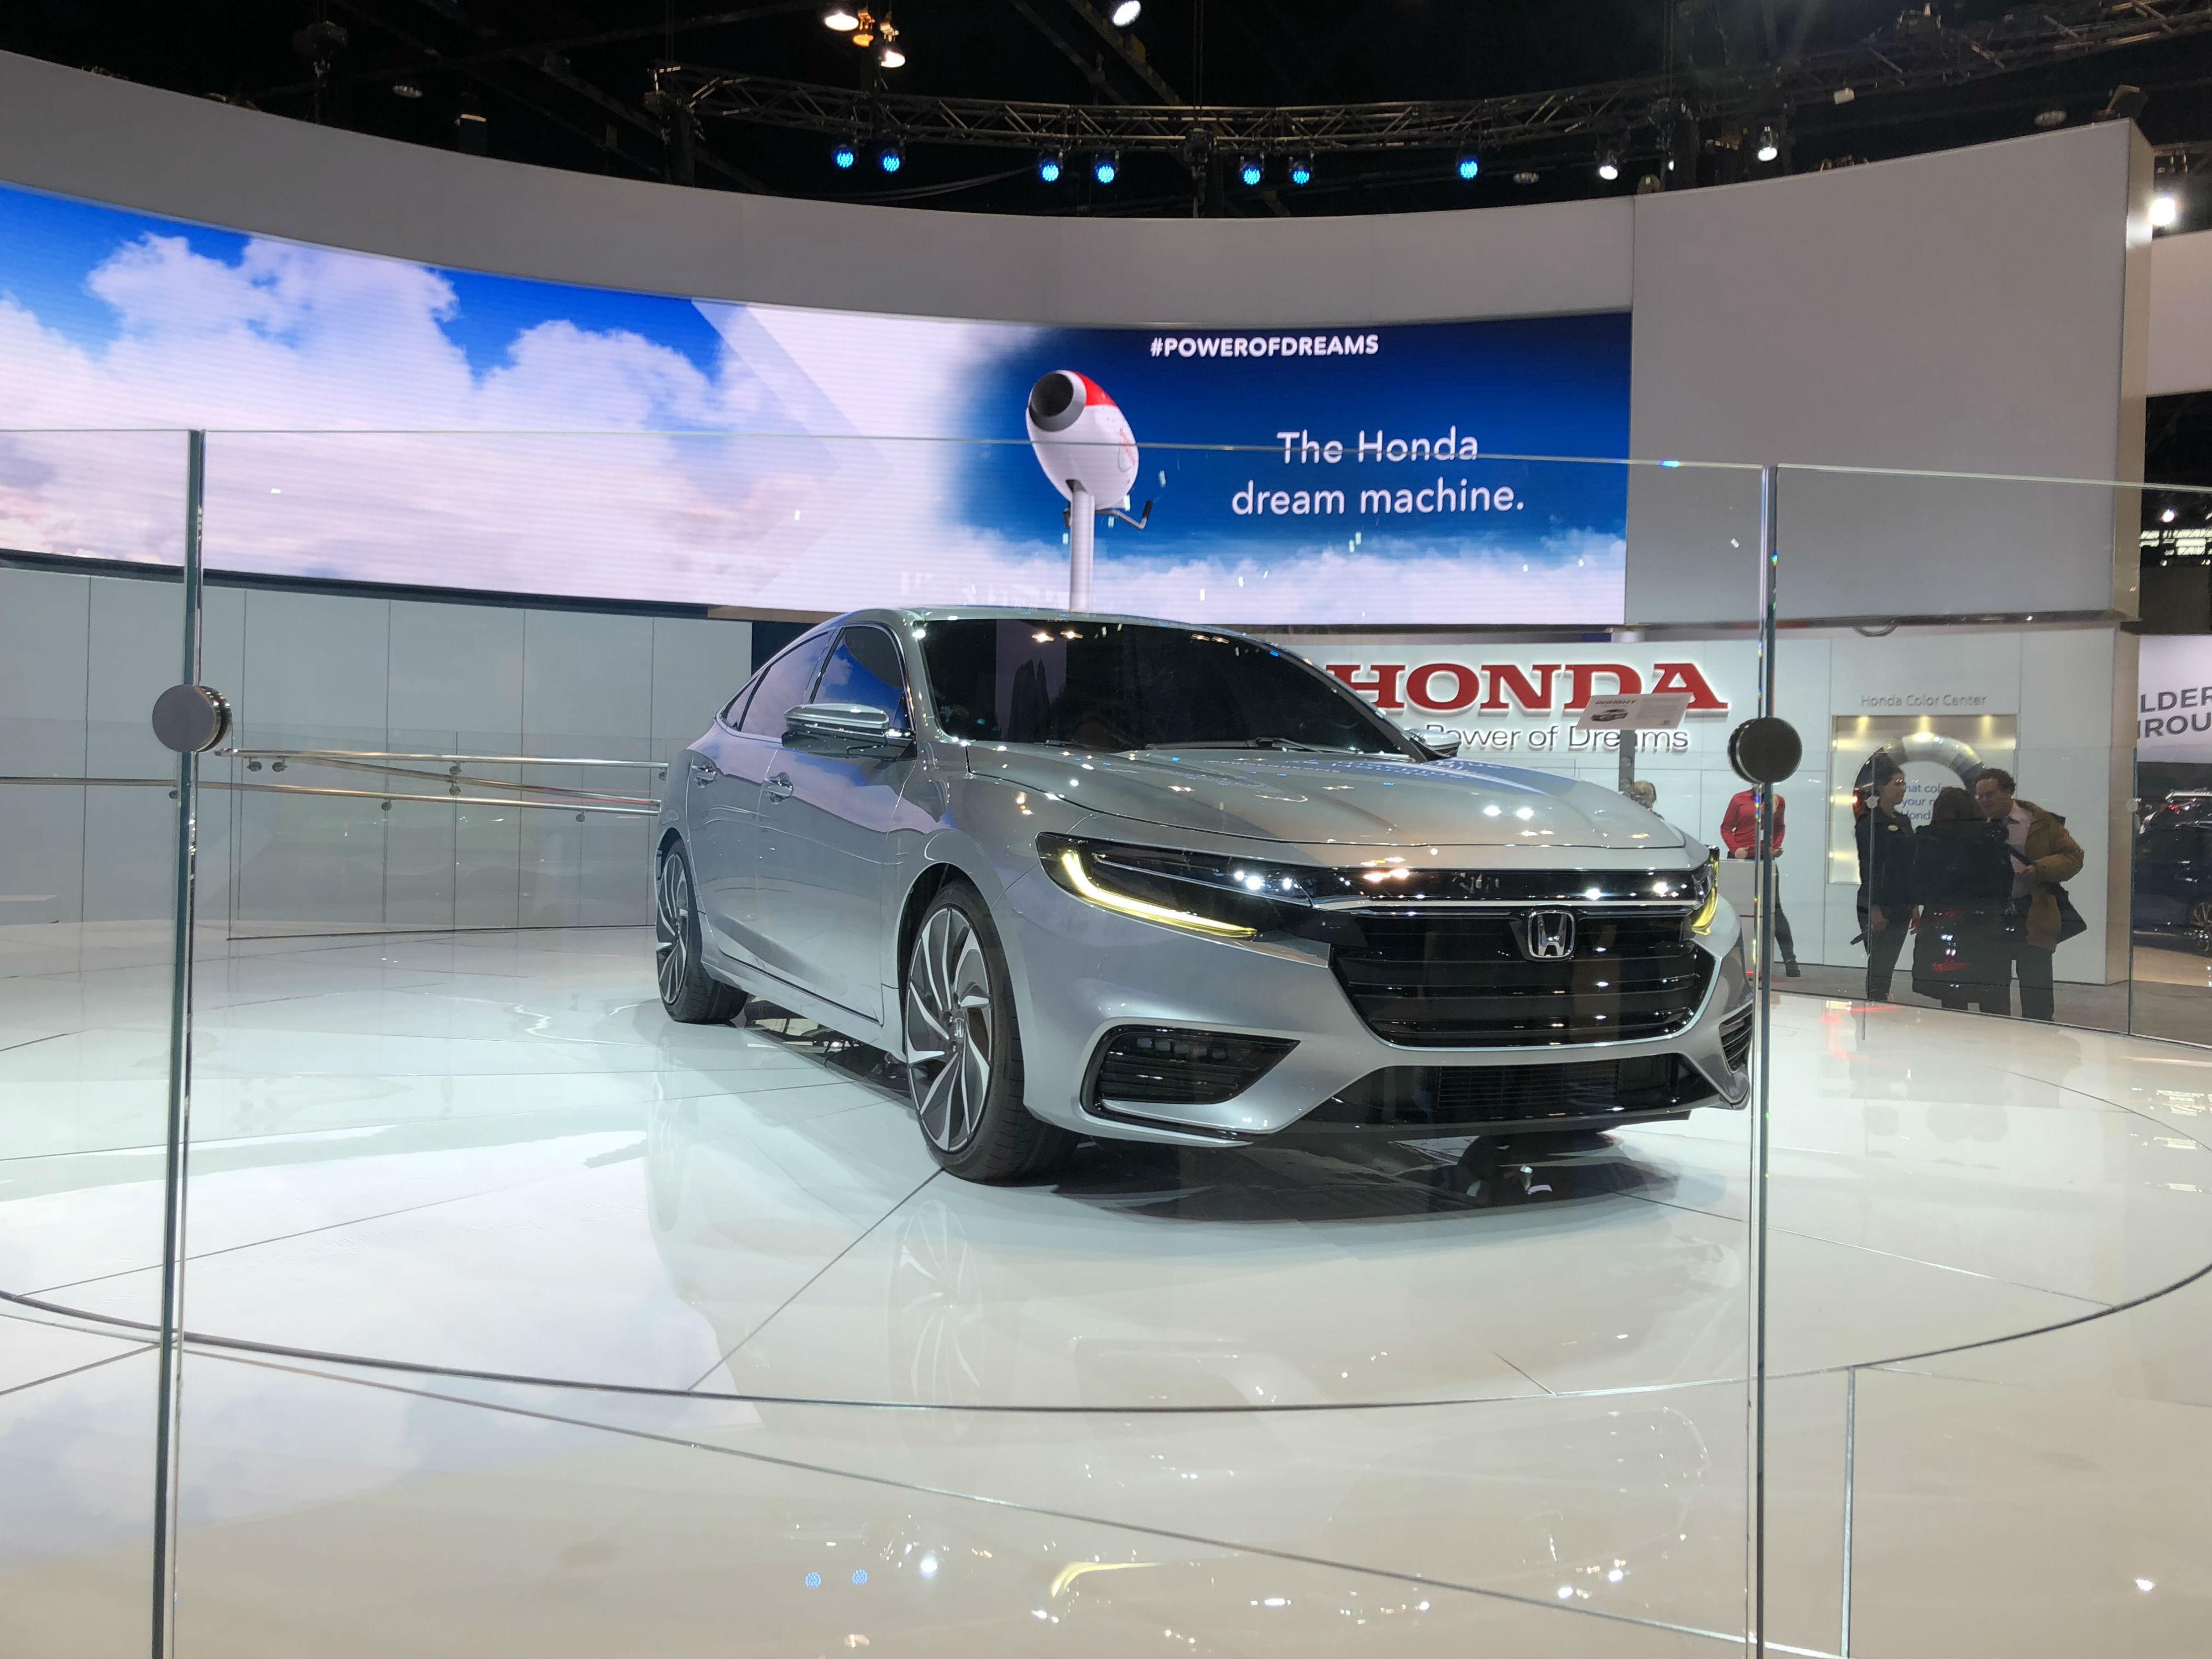 Honda Insight Prototype At The Chicago Auto Show - Honda center car show